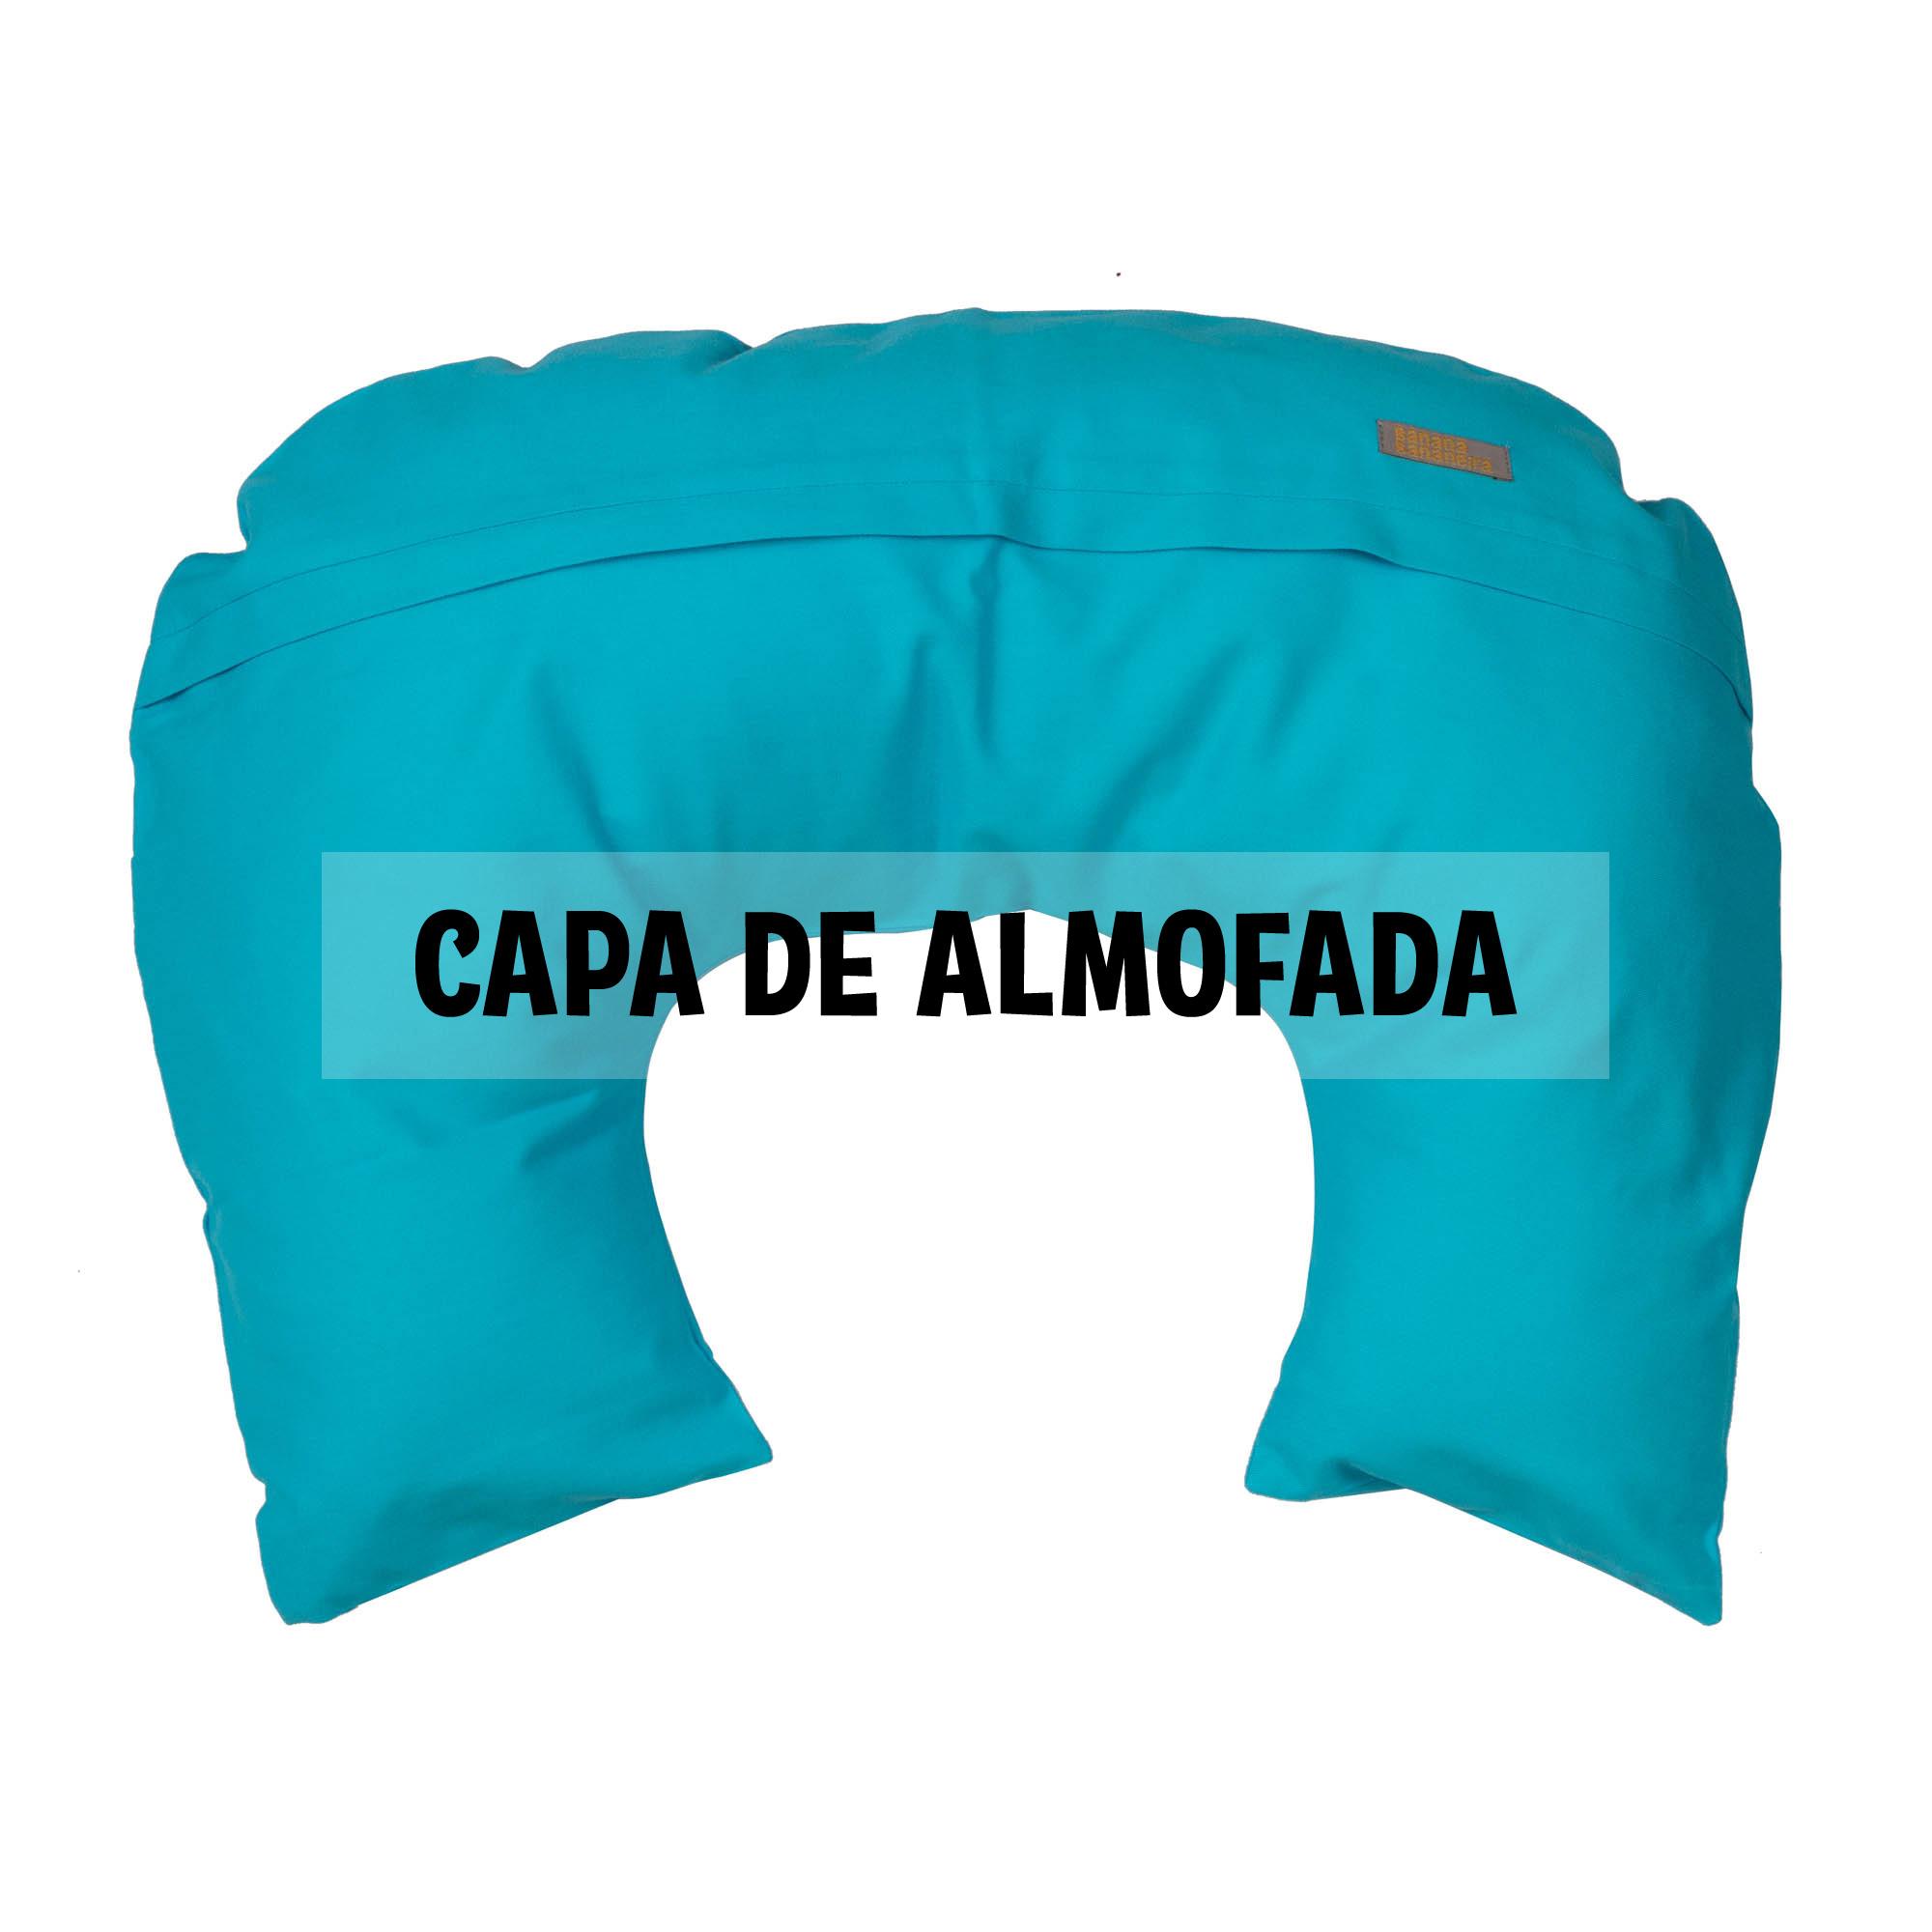 Capa de almofada de amamentação azul turquesa